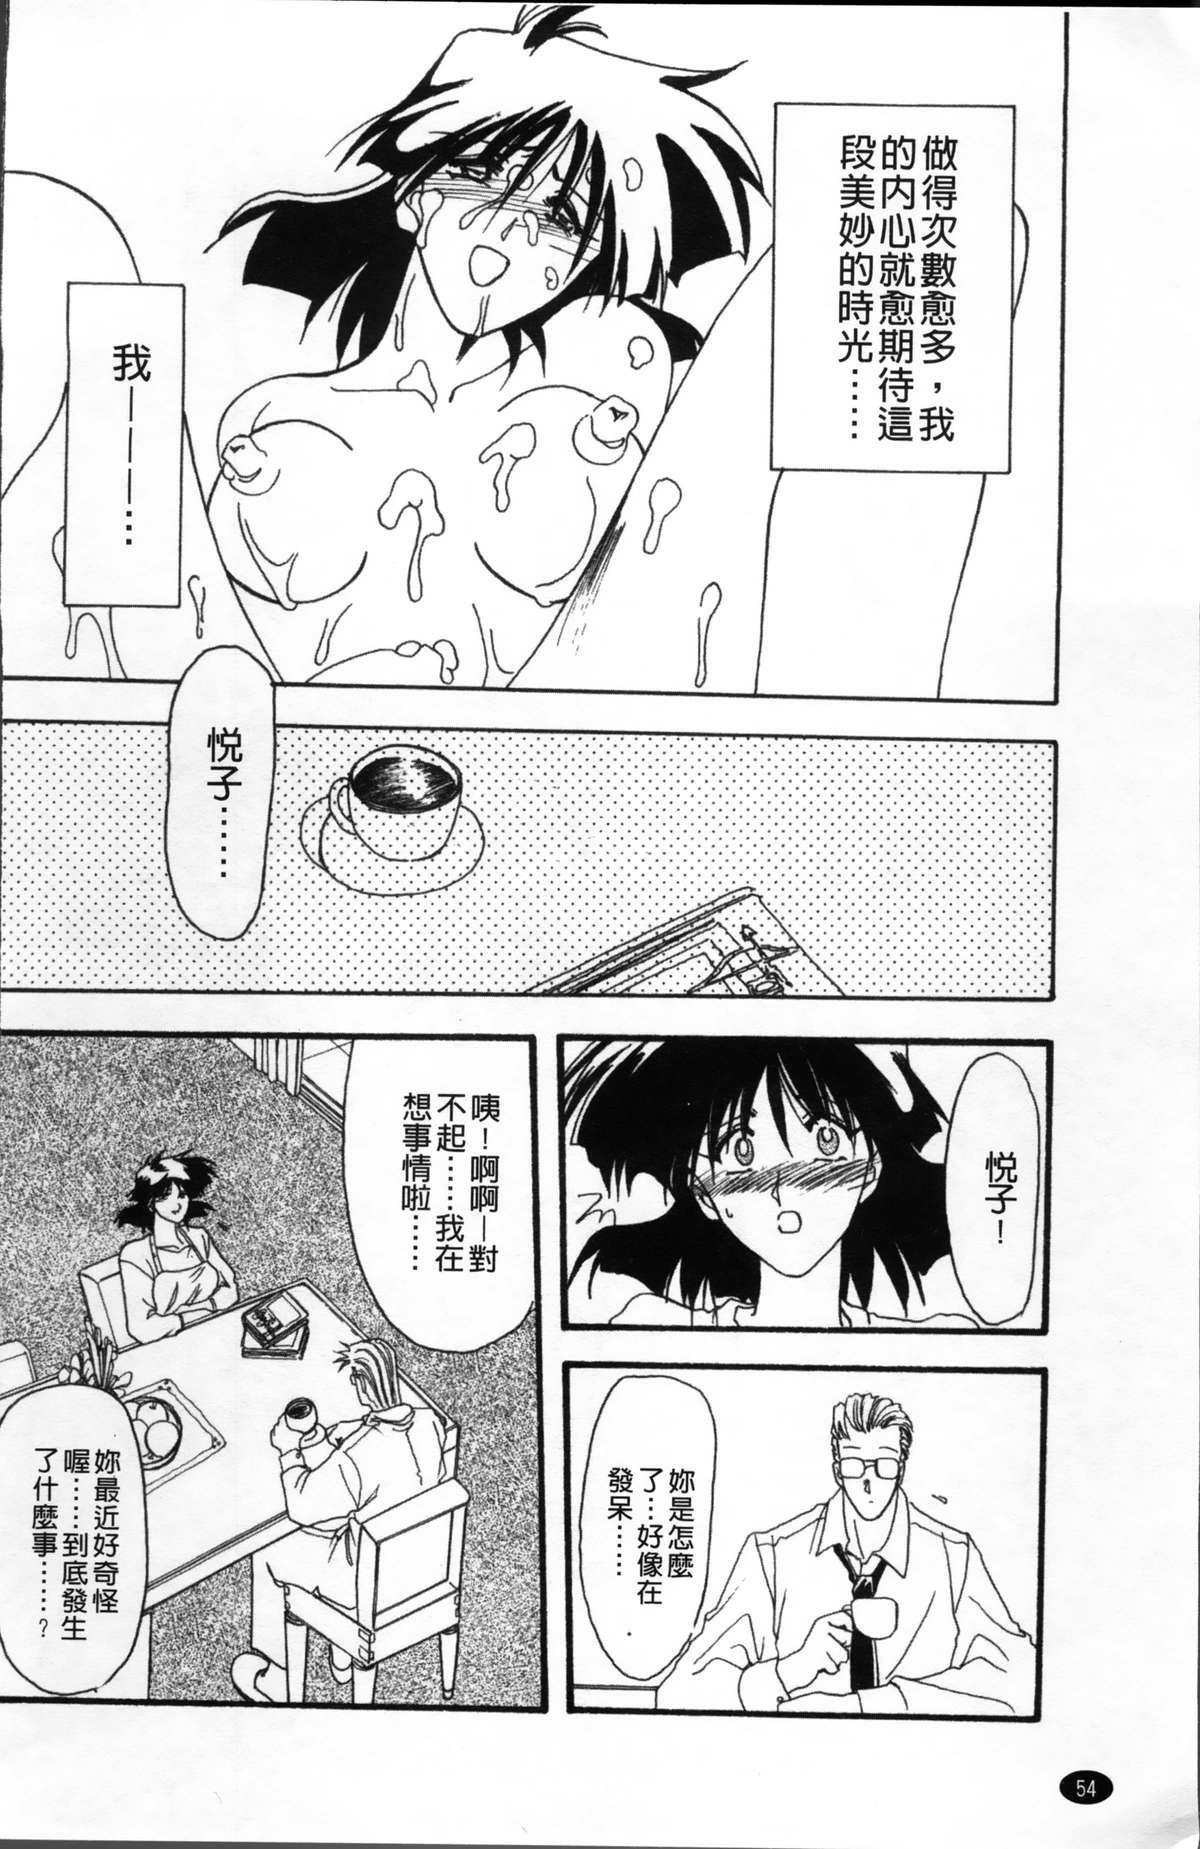 Hiiro no Koku Kanzenban   緋色之刻 完全版 57